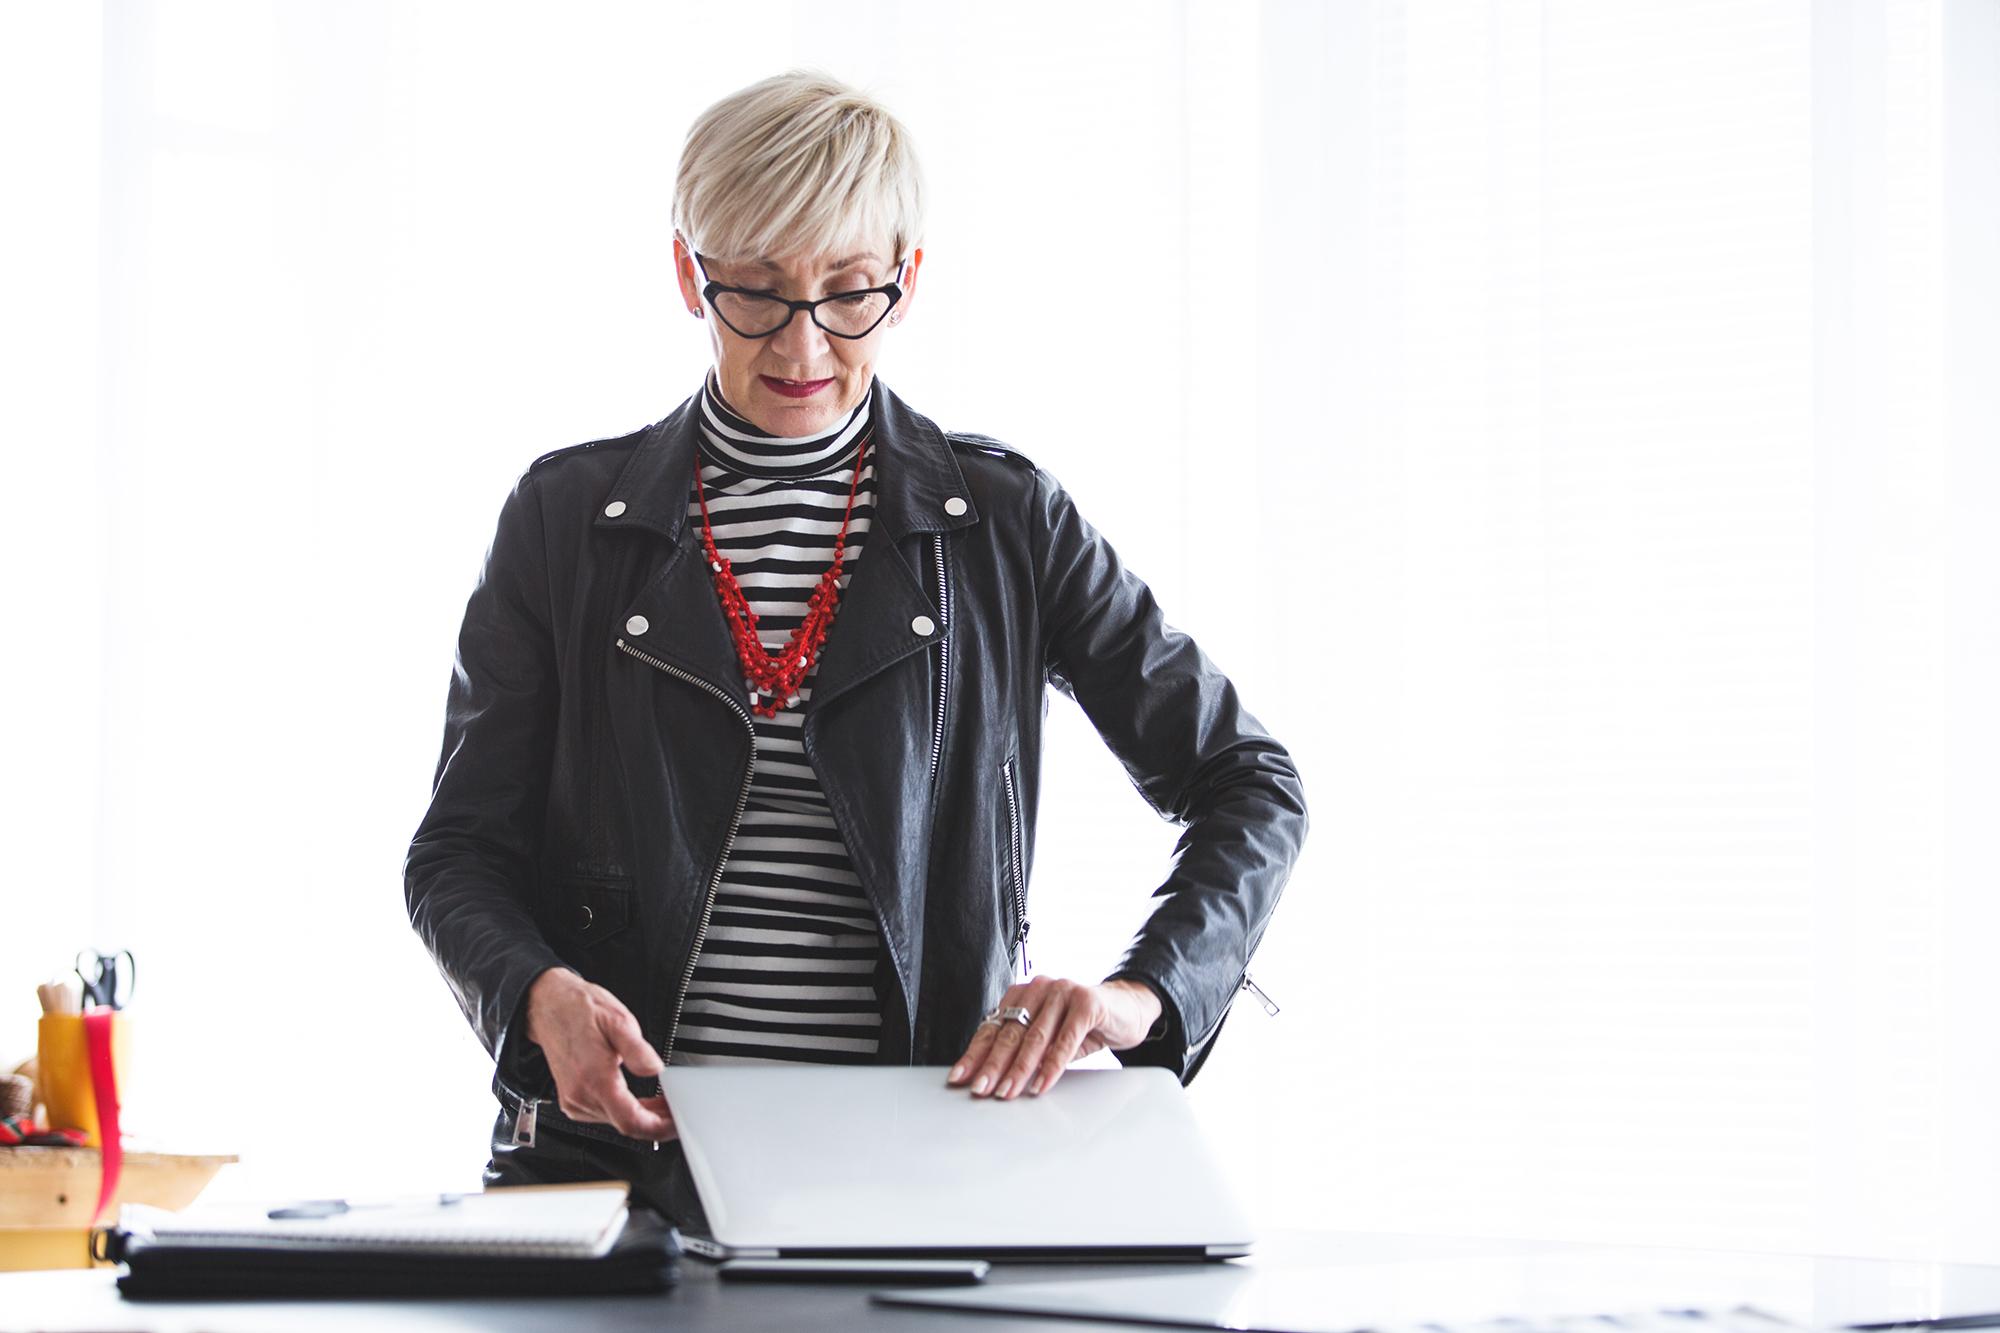 Woman opening laptop